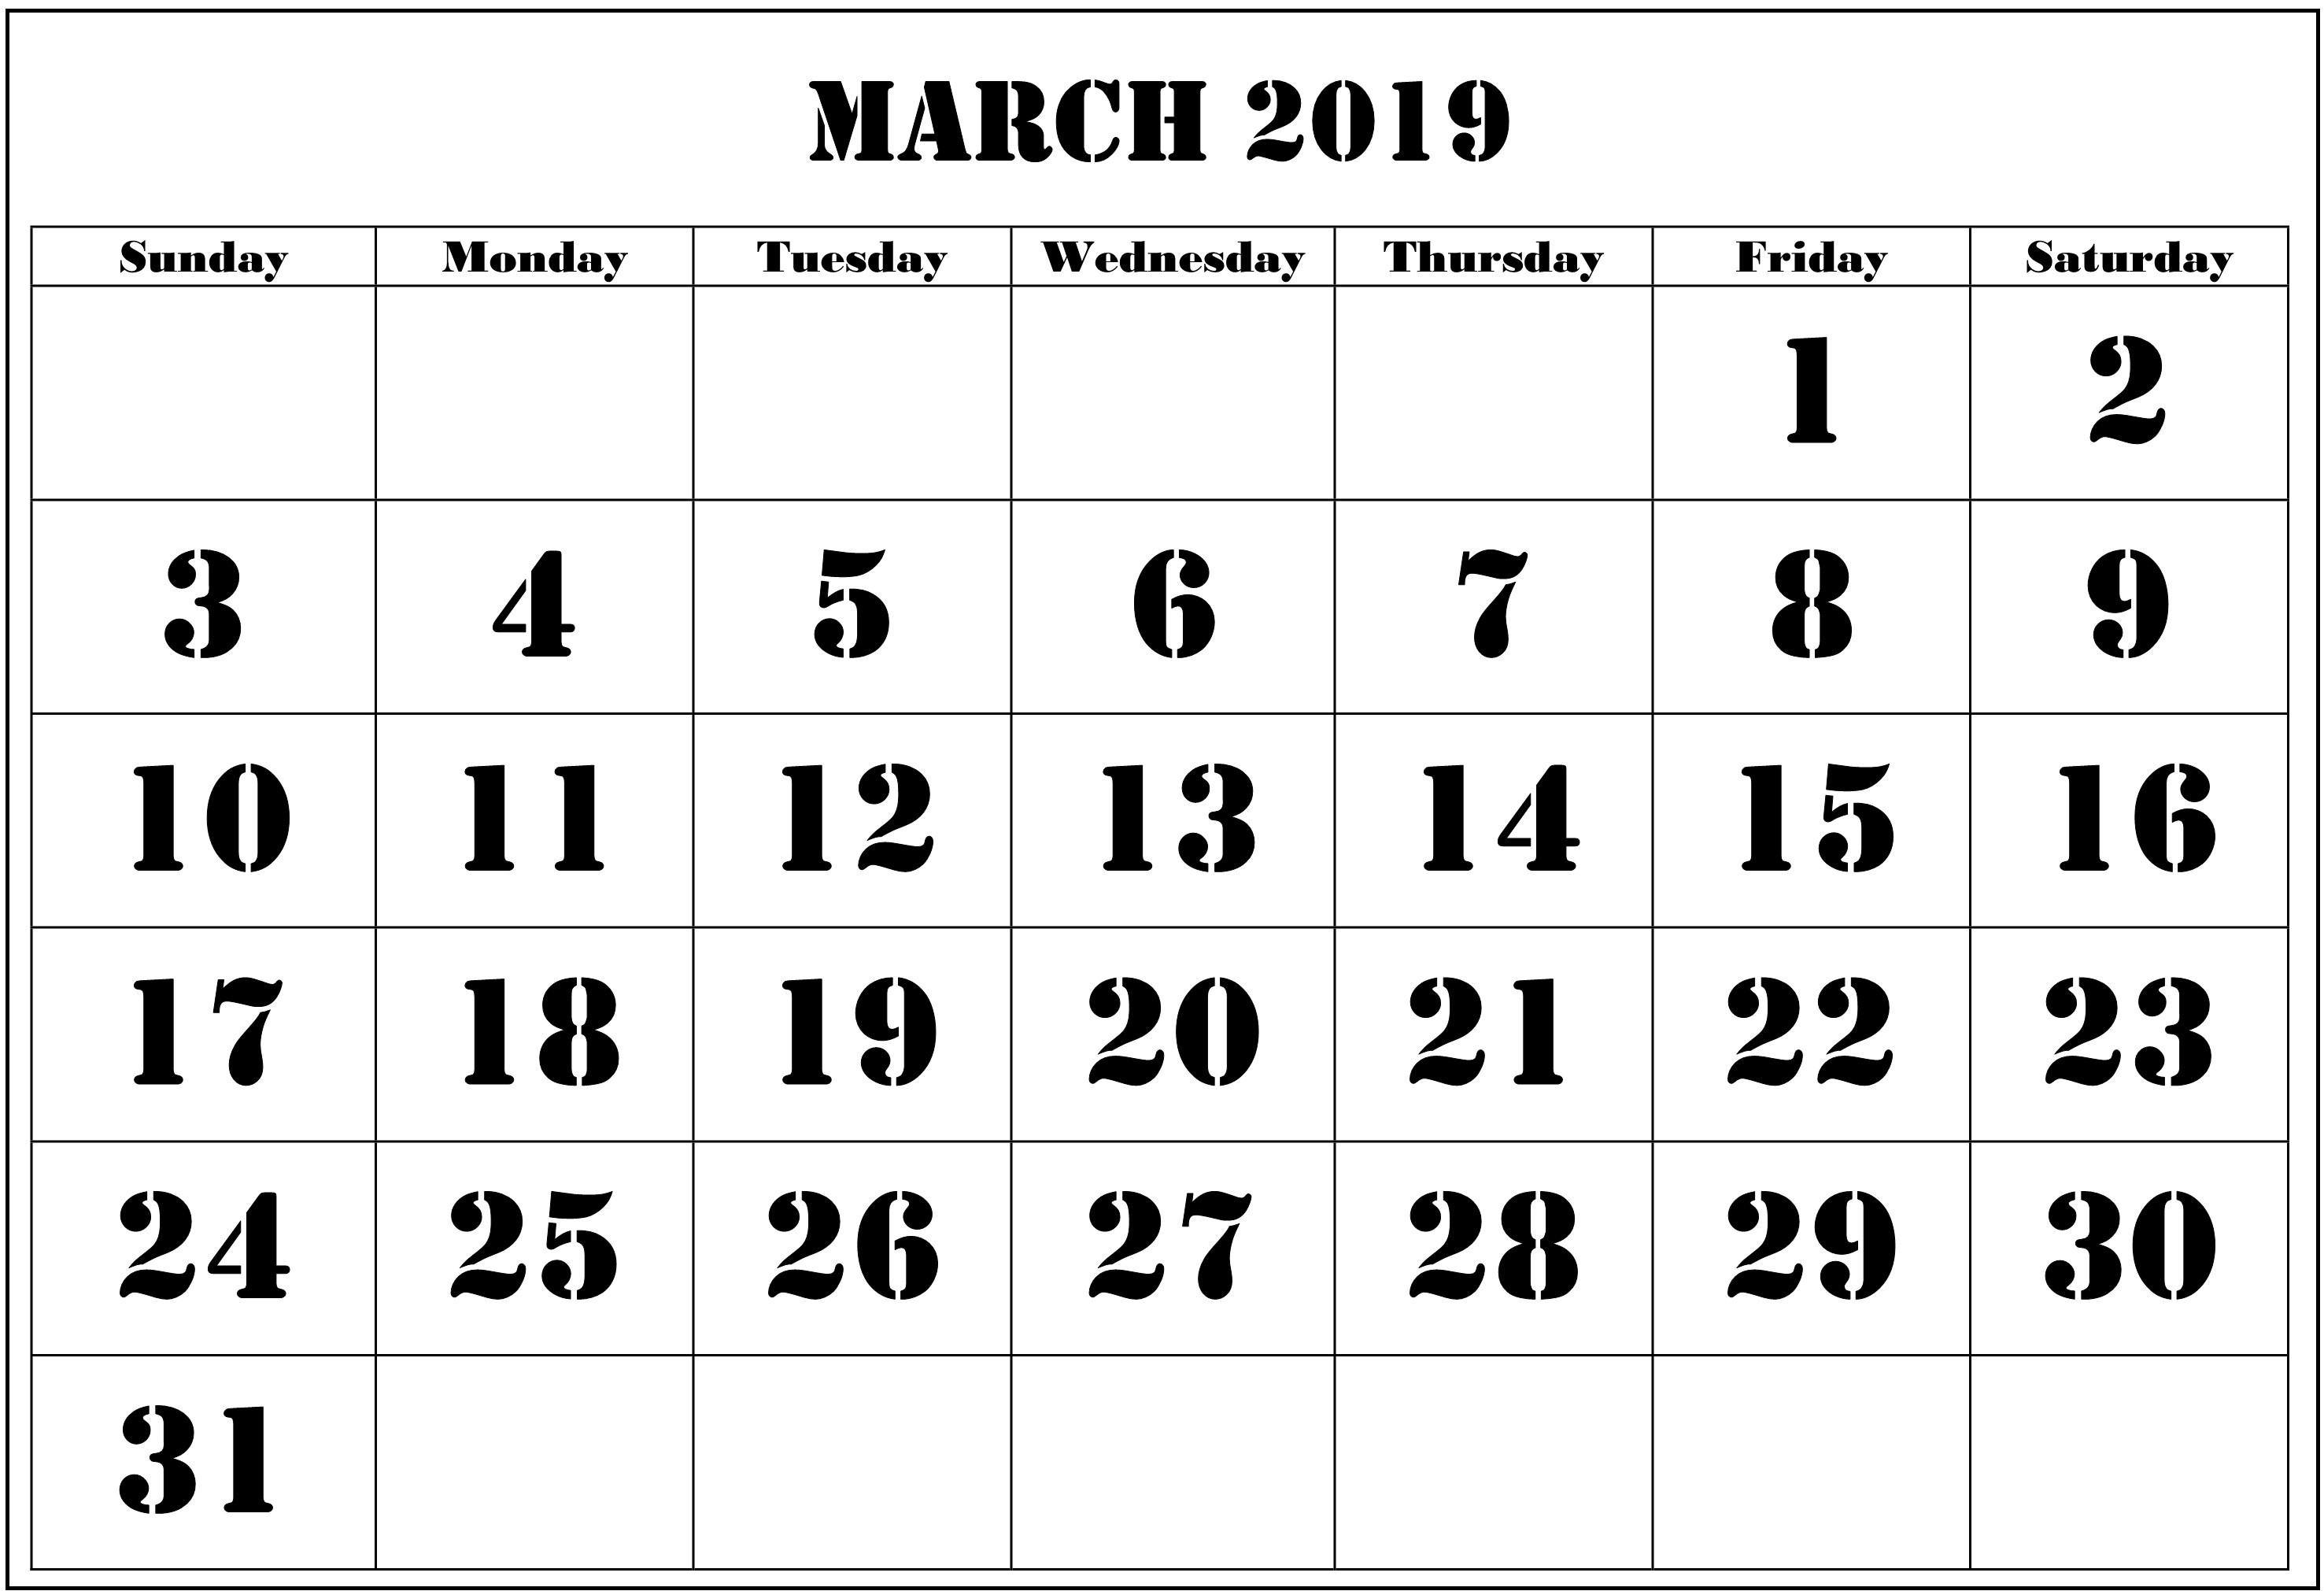 March Holiday Calendar 2019 Más Recientes Free March 2019 Calendar with Holidays Blank Calendar 2019 Of March Holiday Calendar 2019 Más Caliente Printable March 2019 Calendar Template Holidays Yes Calendars